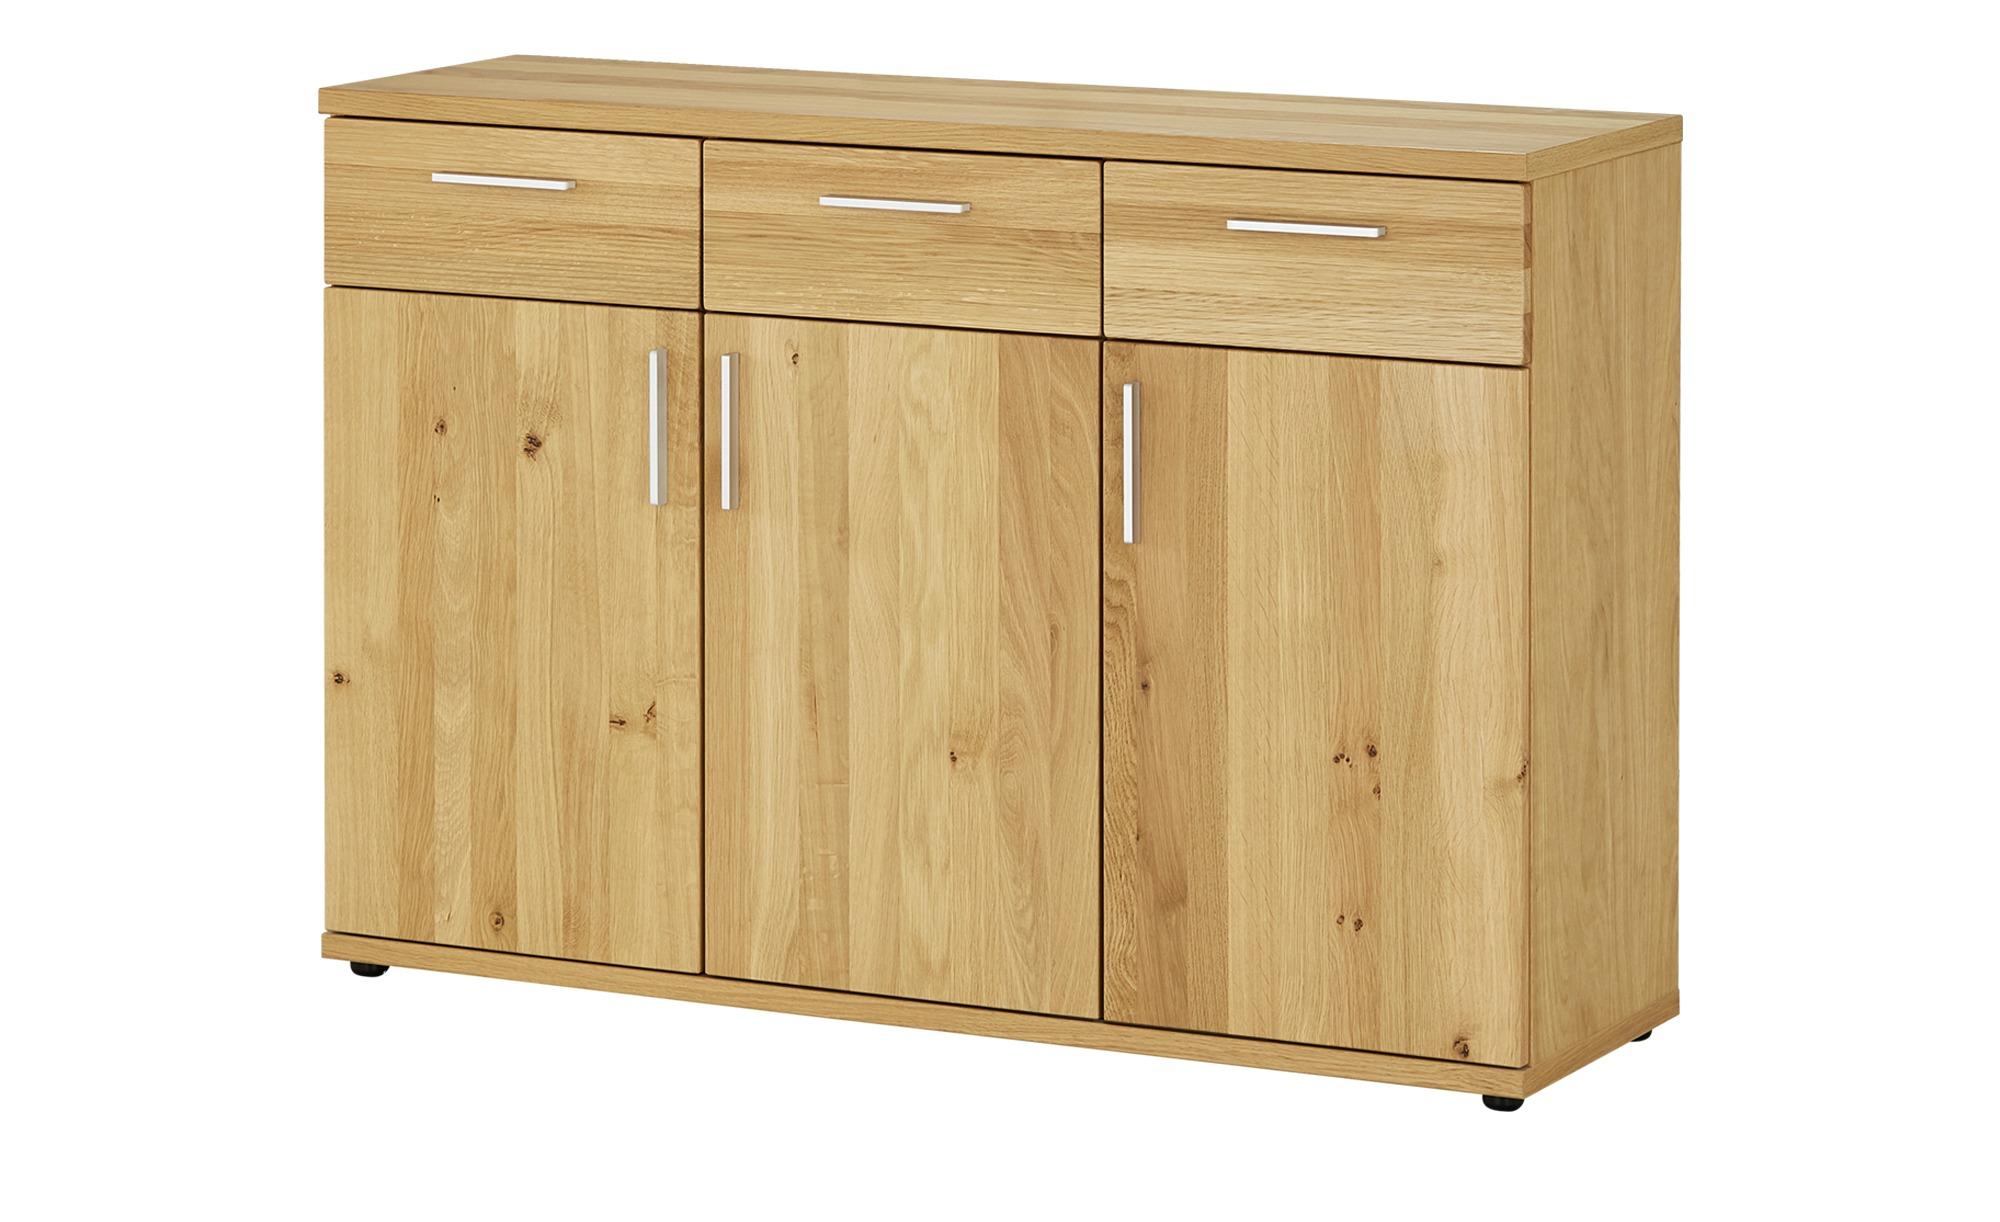 Sideboard Weiss Matt Lackiert Kleines Sideboard Schlafzimmer Kommode Eiche Sagerau Kommode Schmal Kiefer Kommode La Kommode Kommode Sideboard Holzfarben